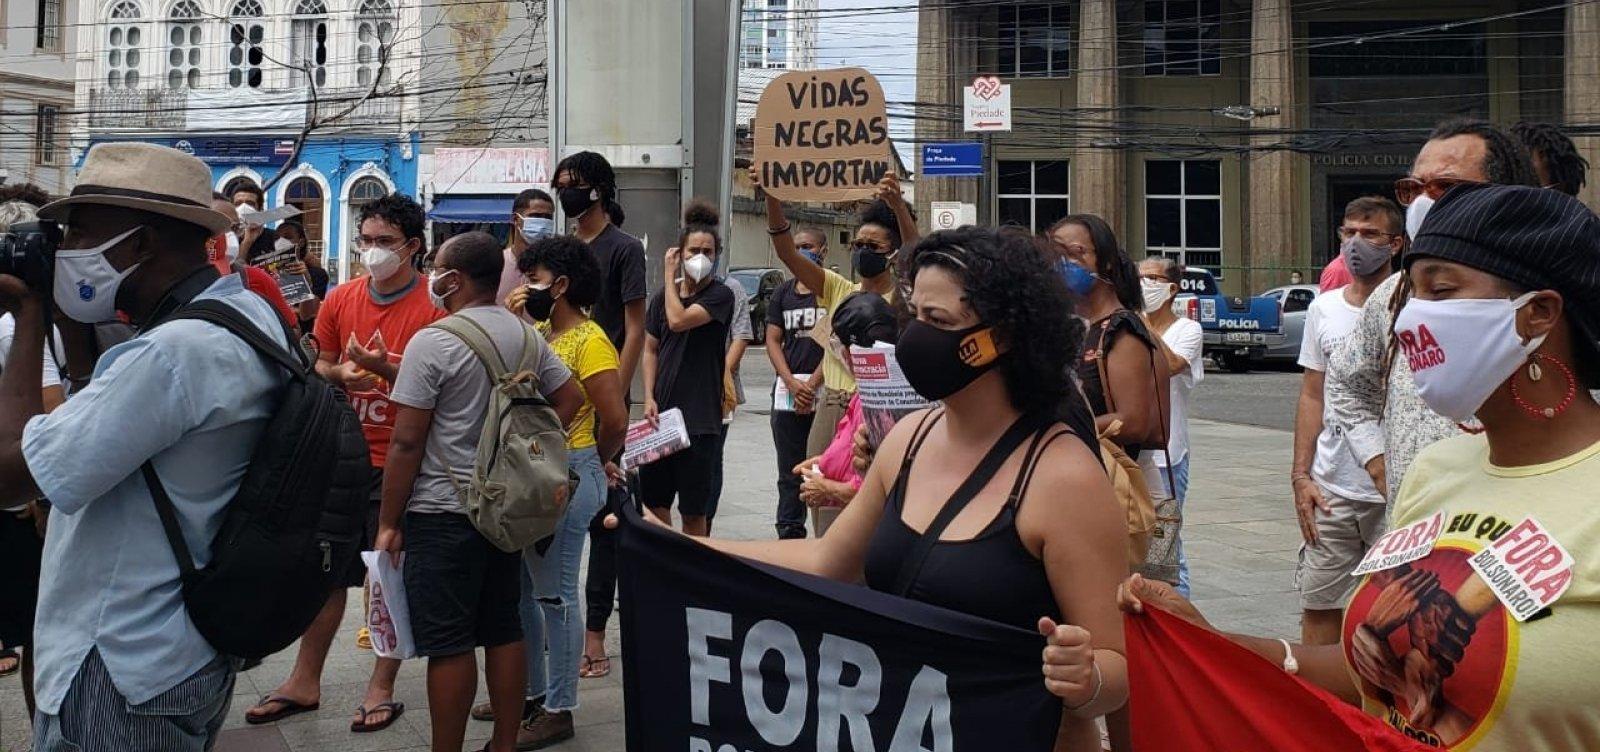 Na data da abolição, Movimento Negro protesta contra genocídio e 'caso Atakarejo'